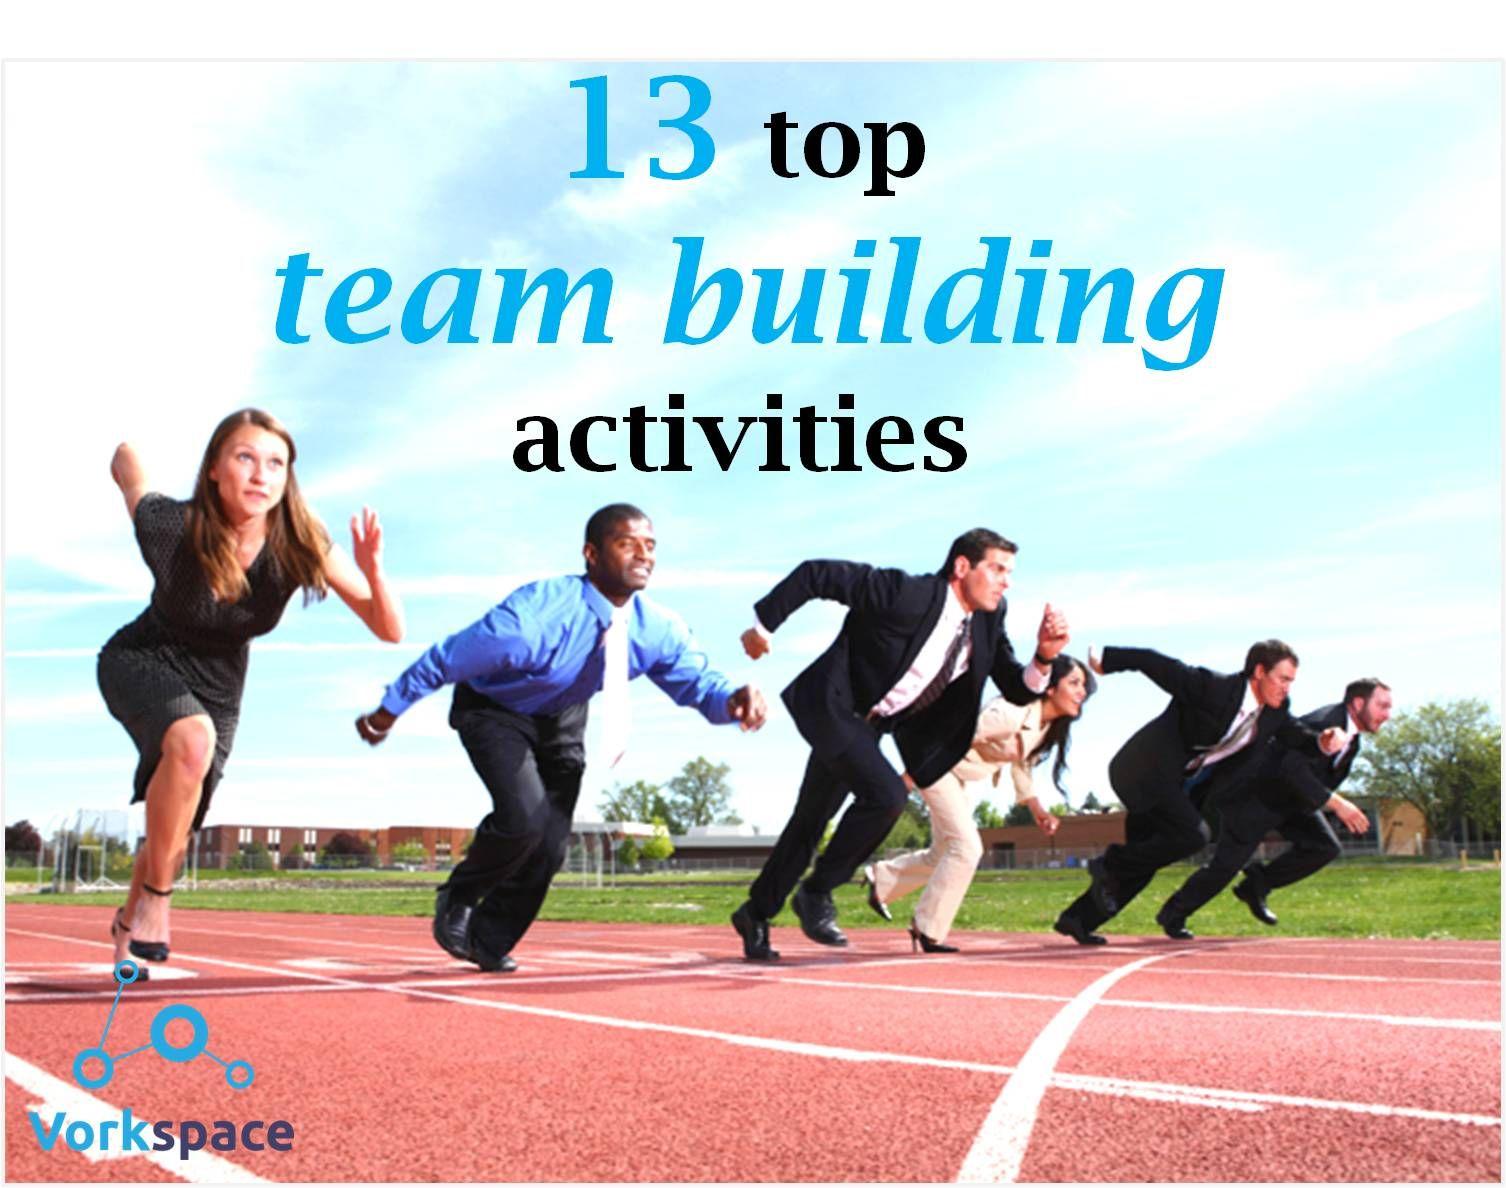 13 top team building activities! Team building